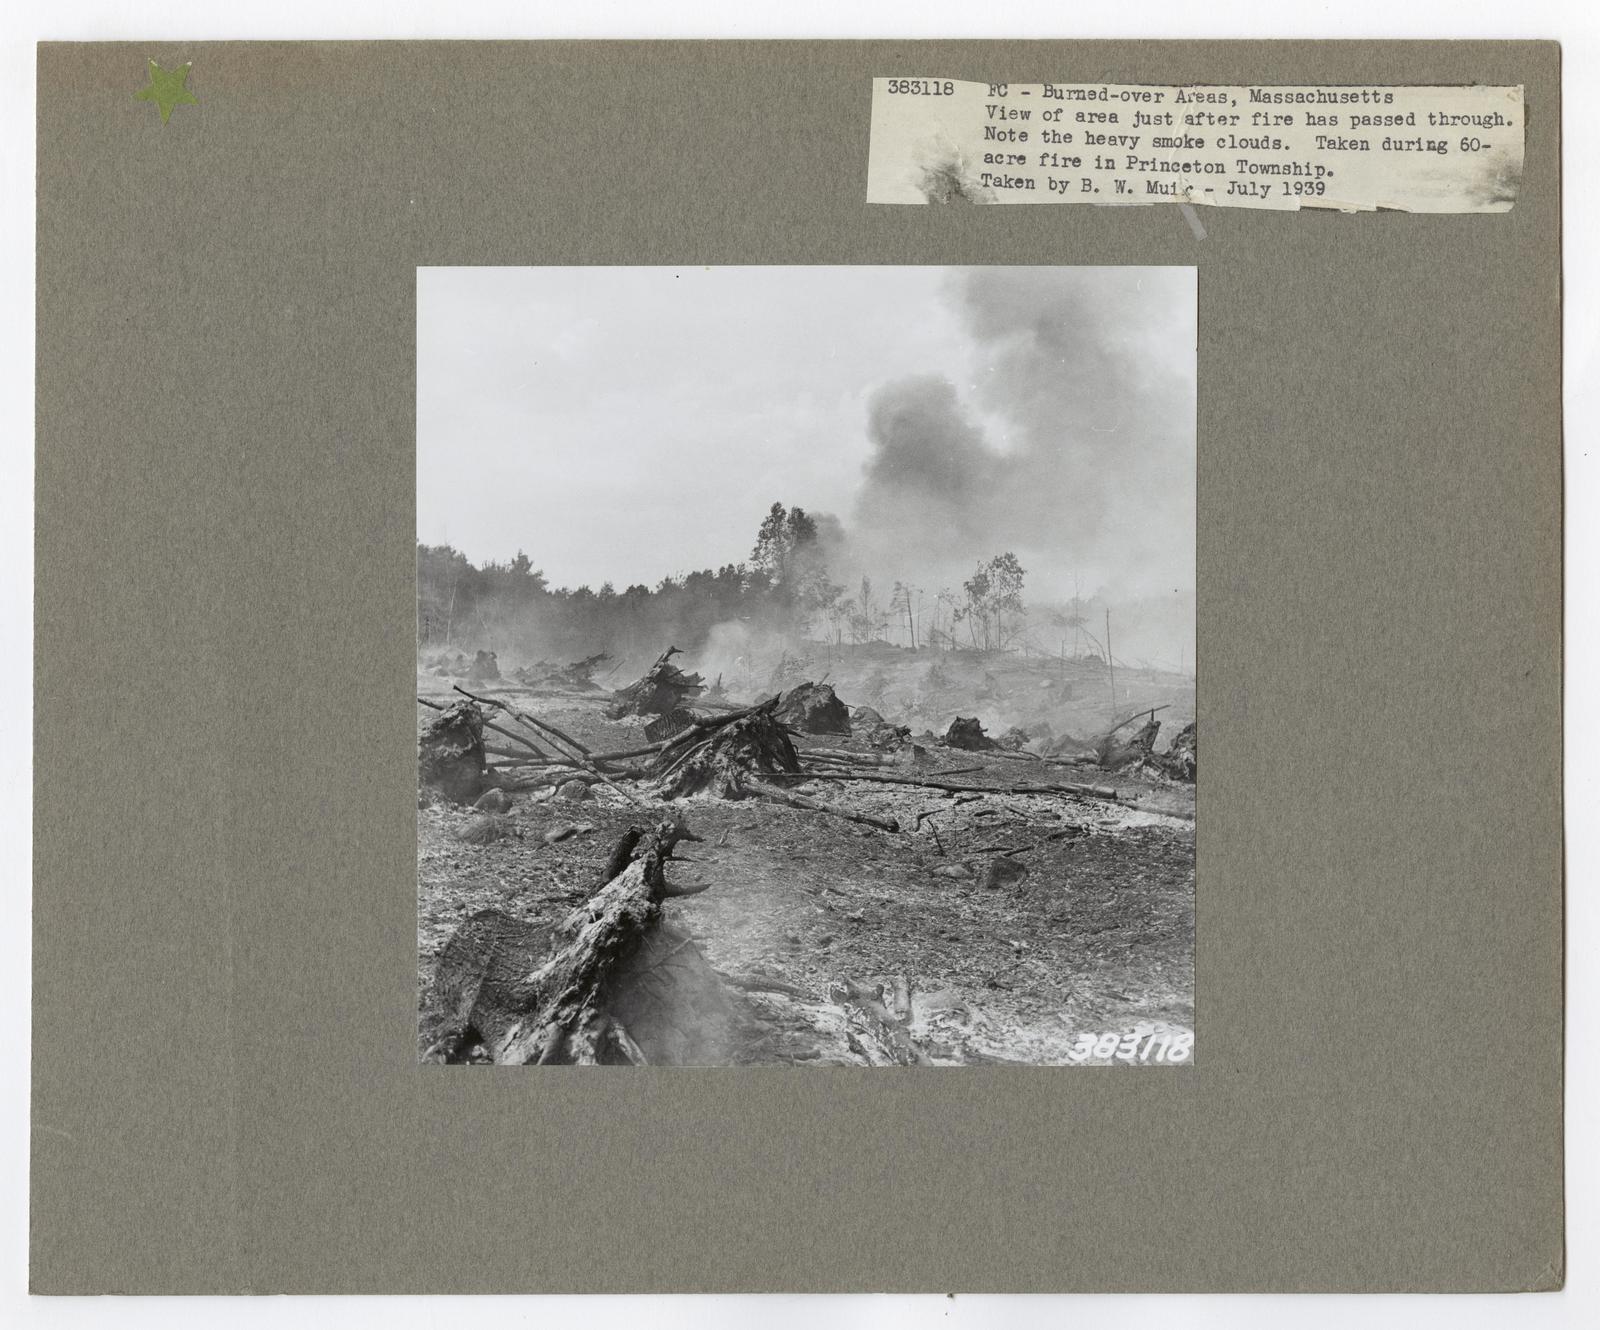 Burned -Over Areas - Massachusetts